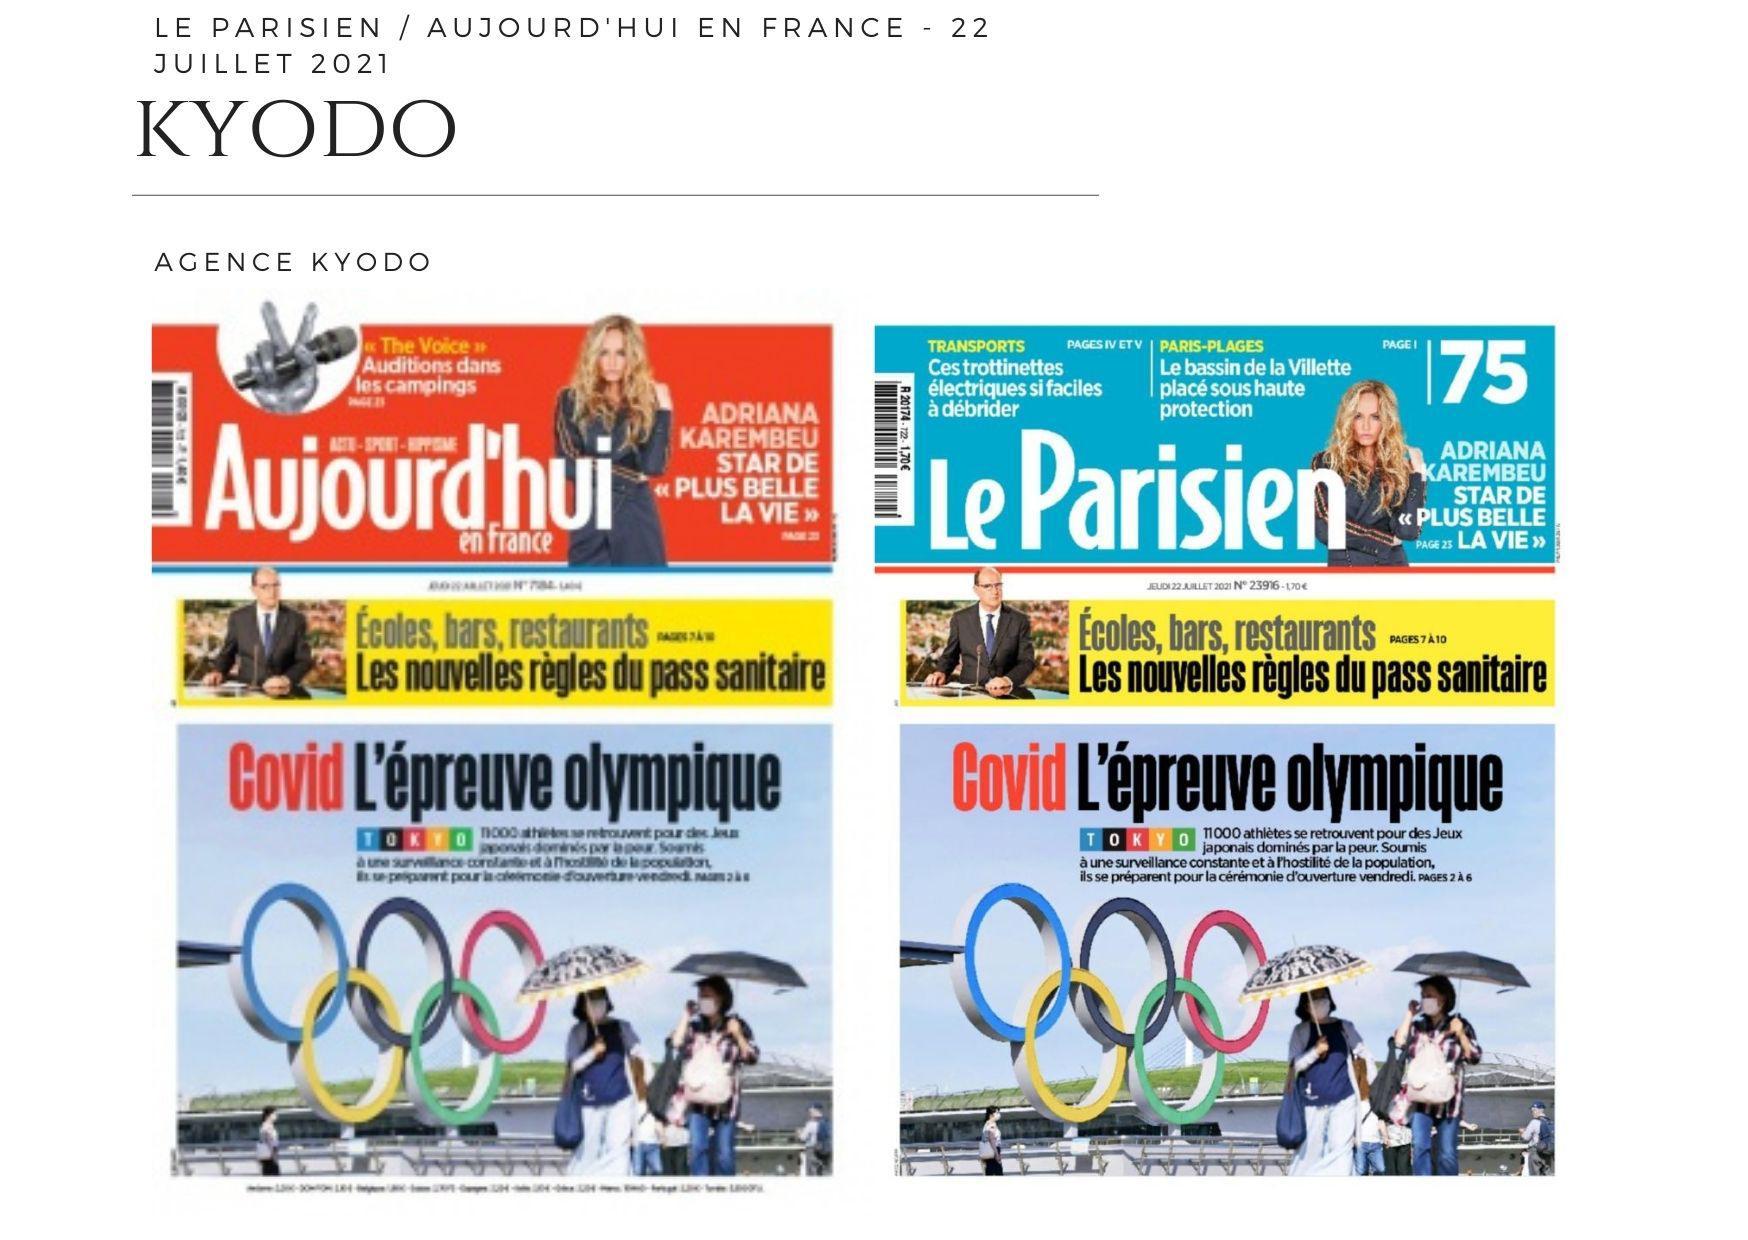 Le Parisien / Aujourd'hui en France - 22 juillet 2021